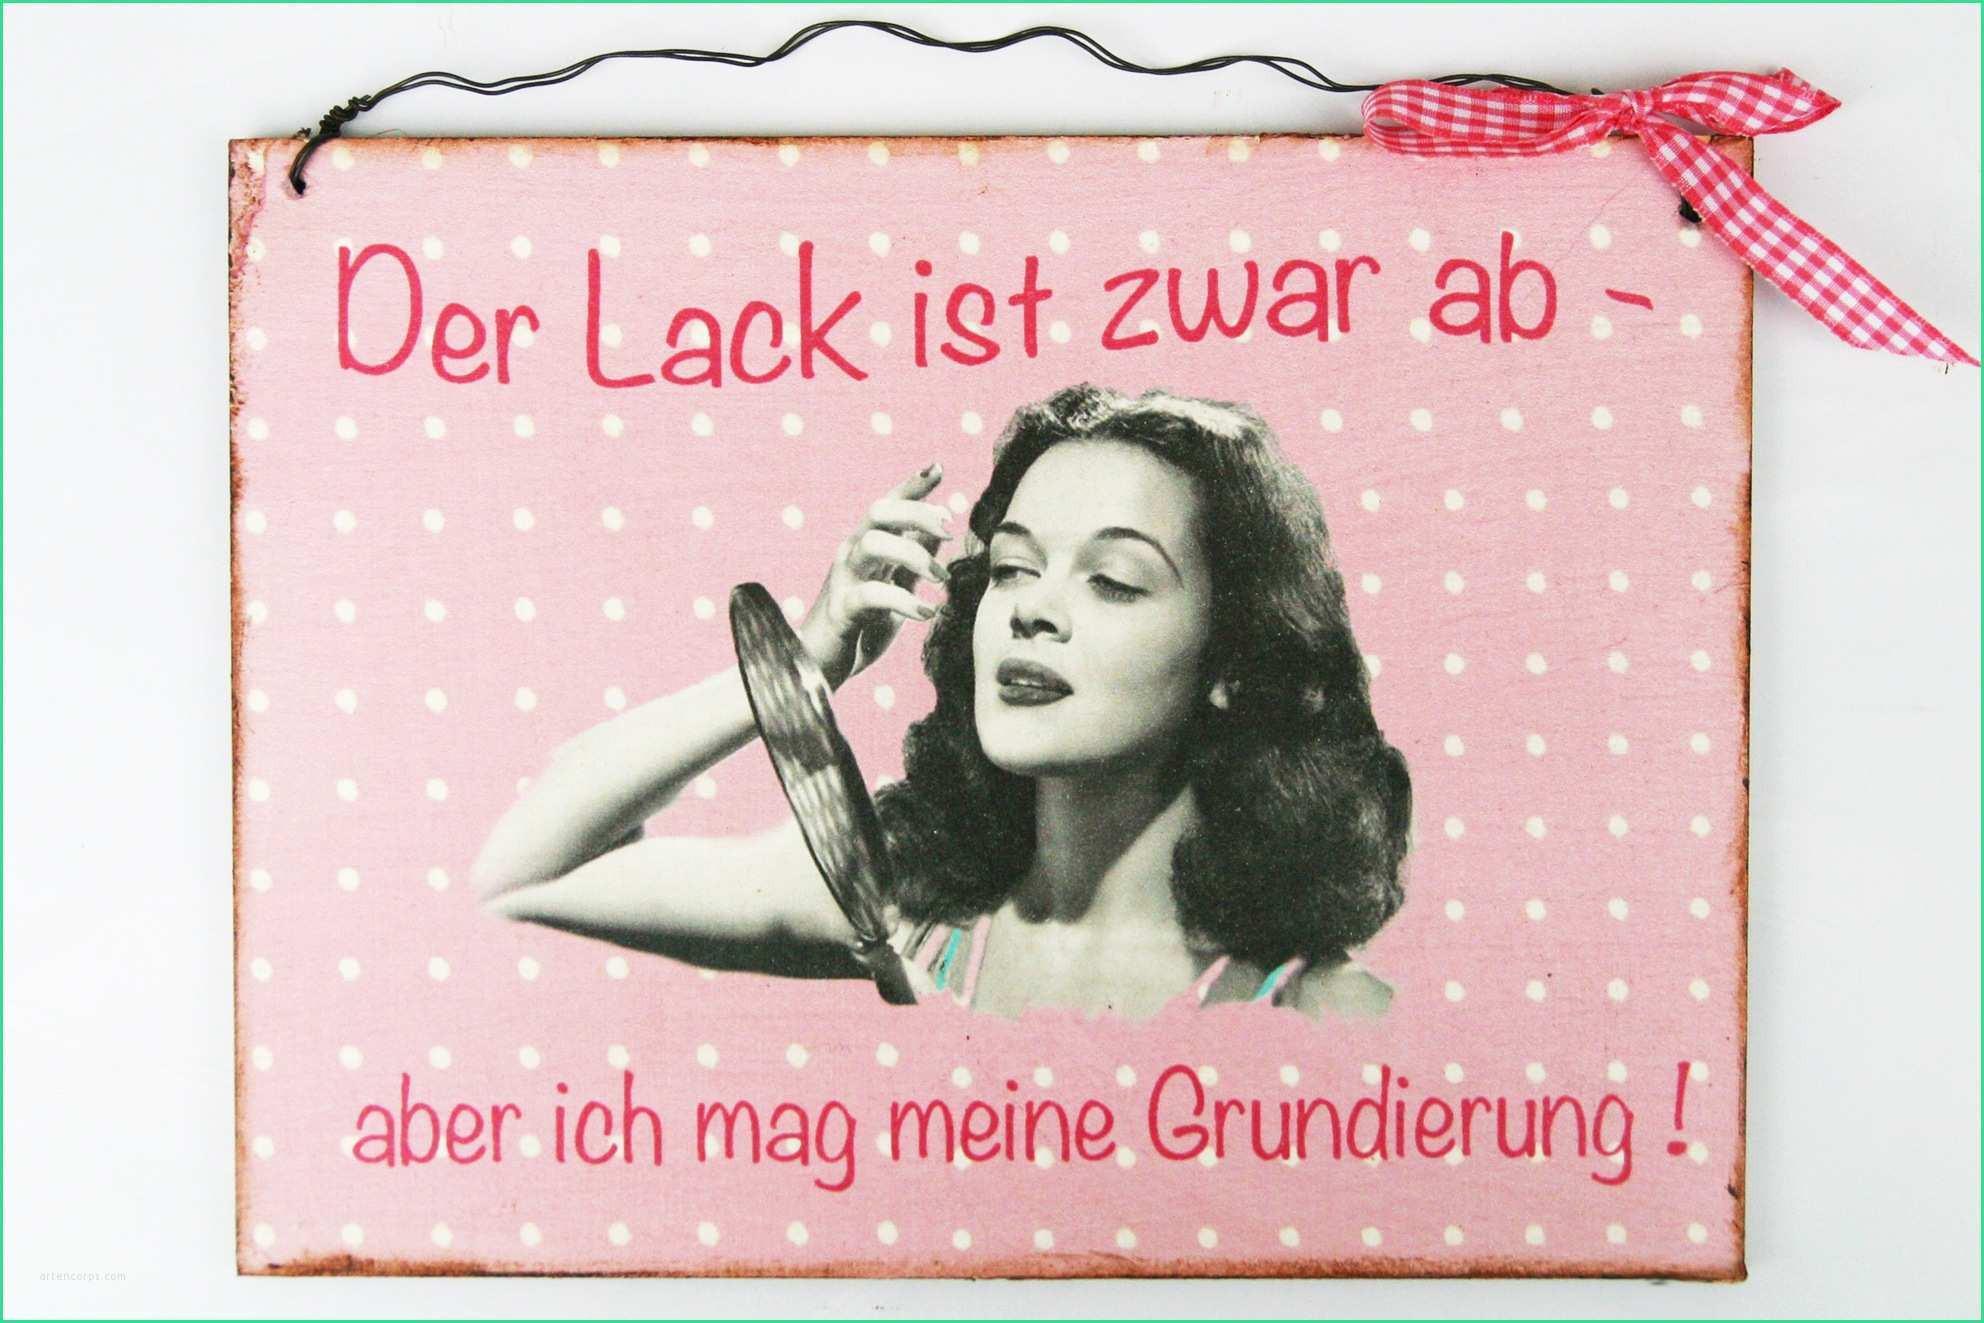 Geburtstagssprüche Frau  Geburtstagssprüche 40 Frau Lustig Great Geschenk 80